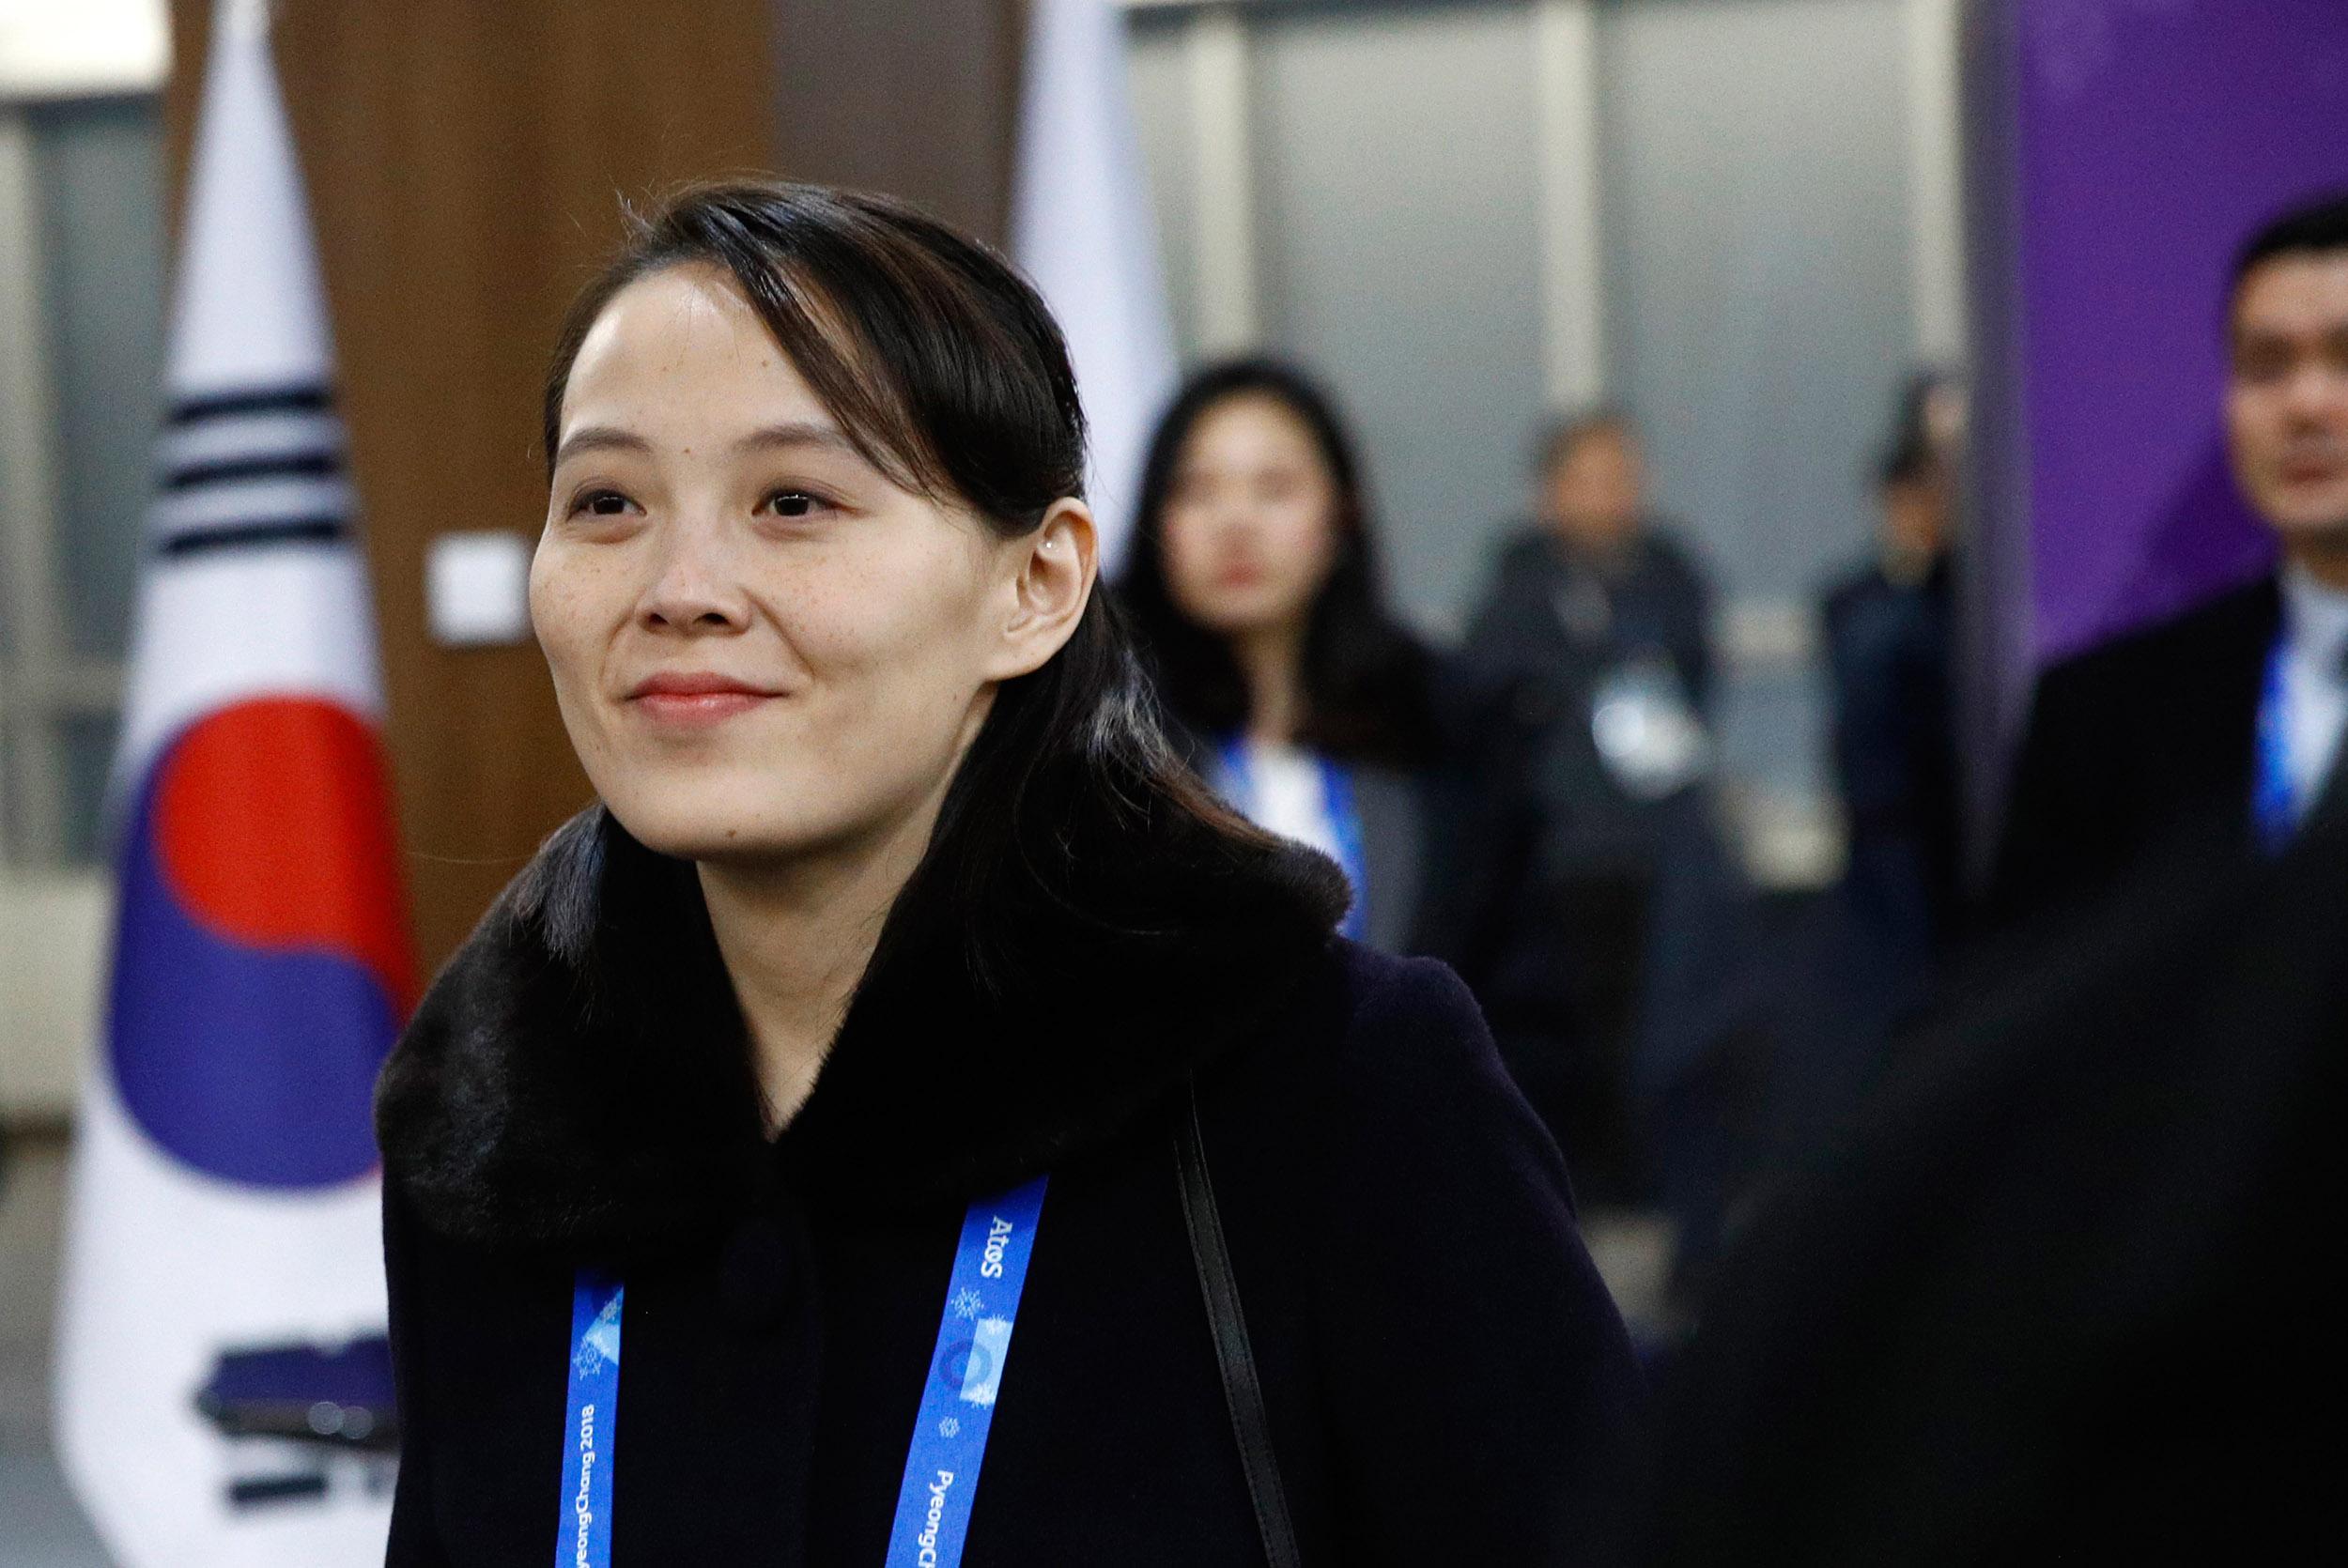 Kim Jong Un's sister derides U.S. official, dismisses chances for talks